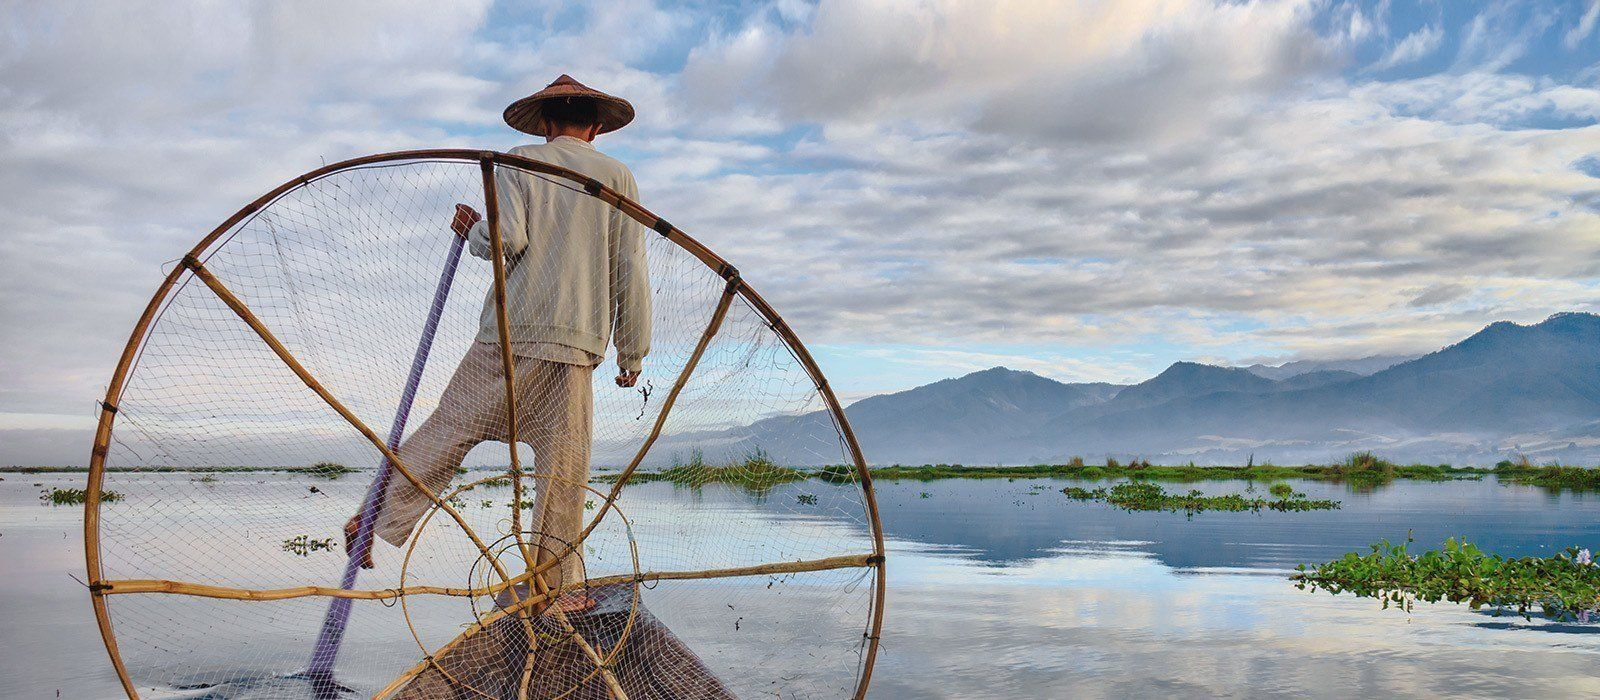 Luxurious Wonders of Myanmar Tour Trip 2